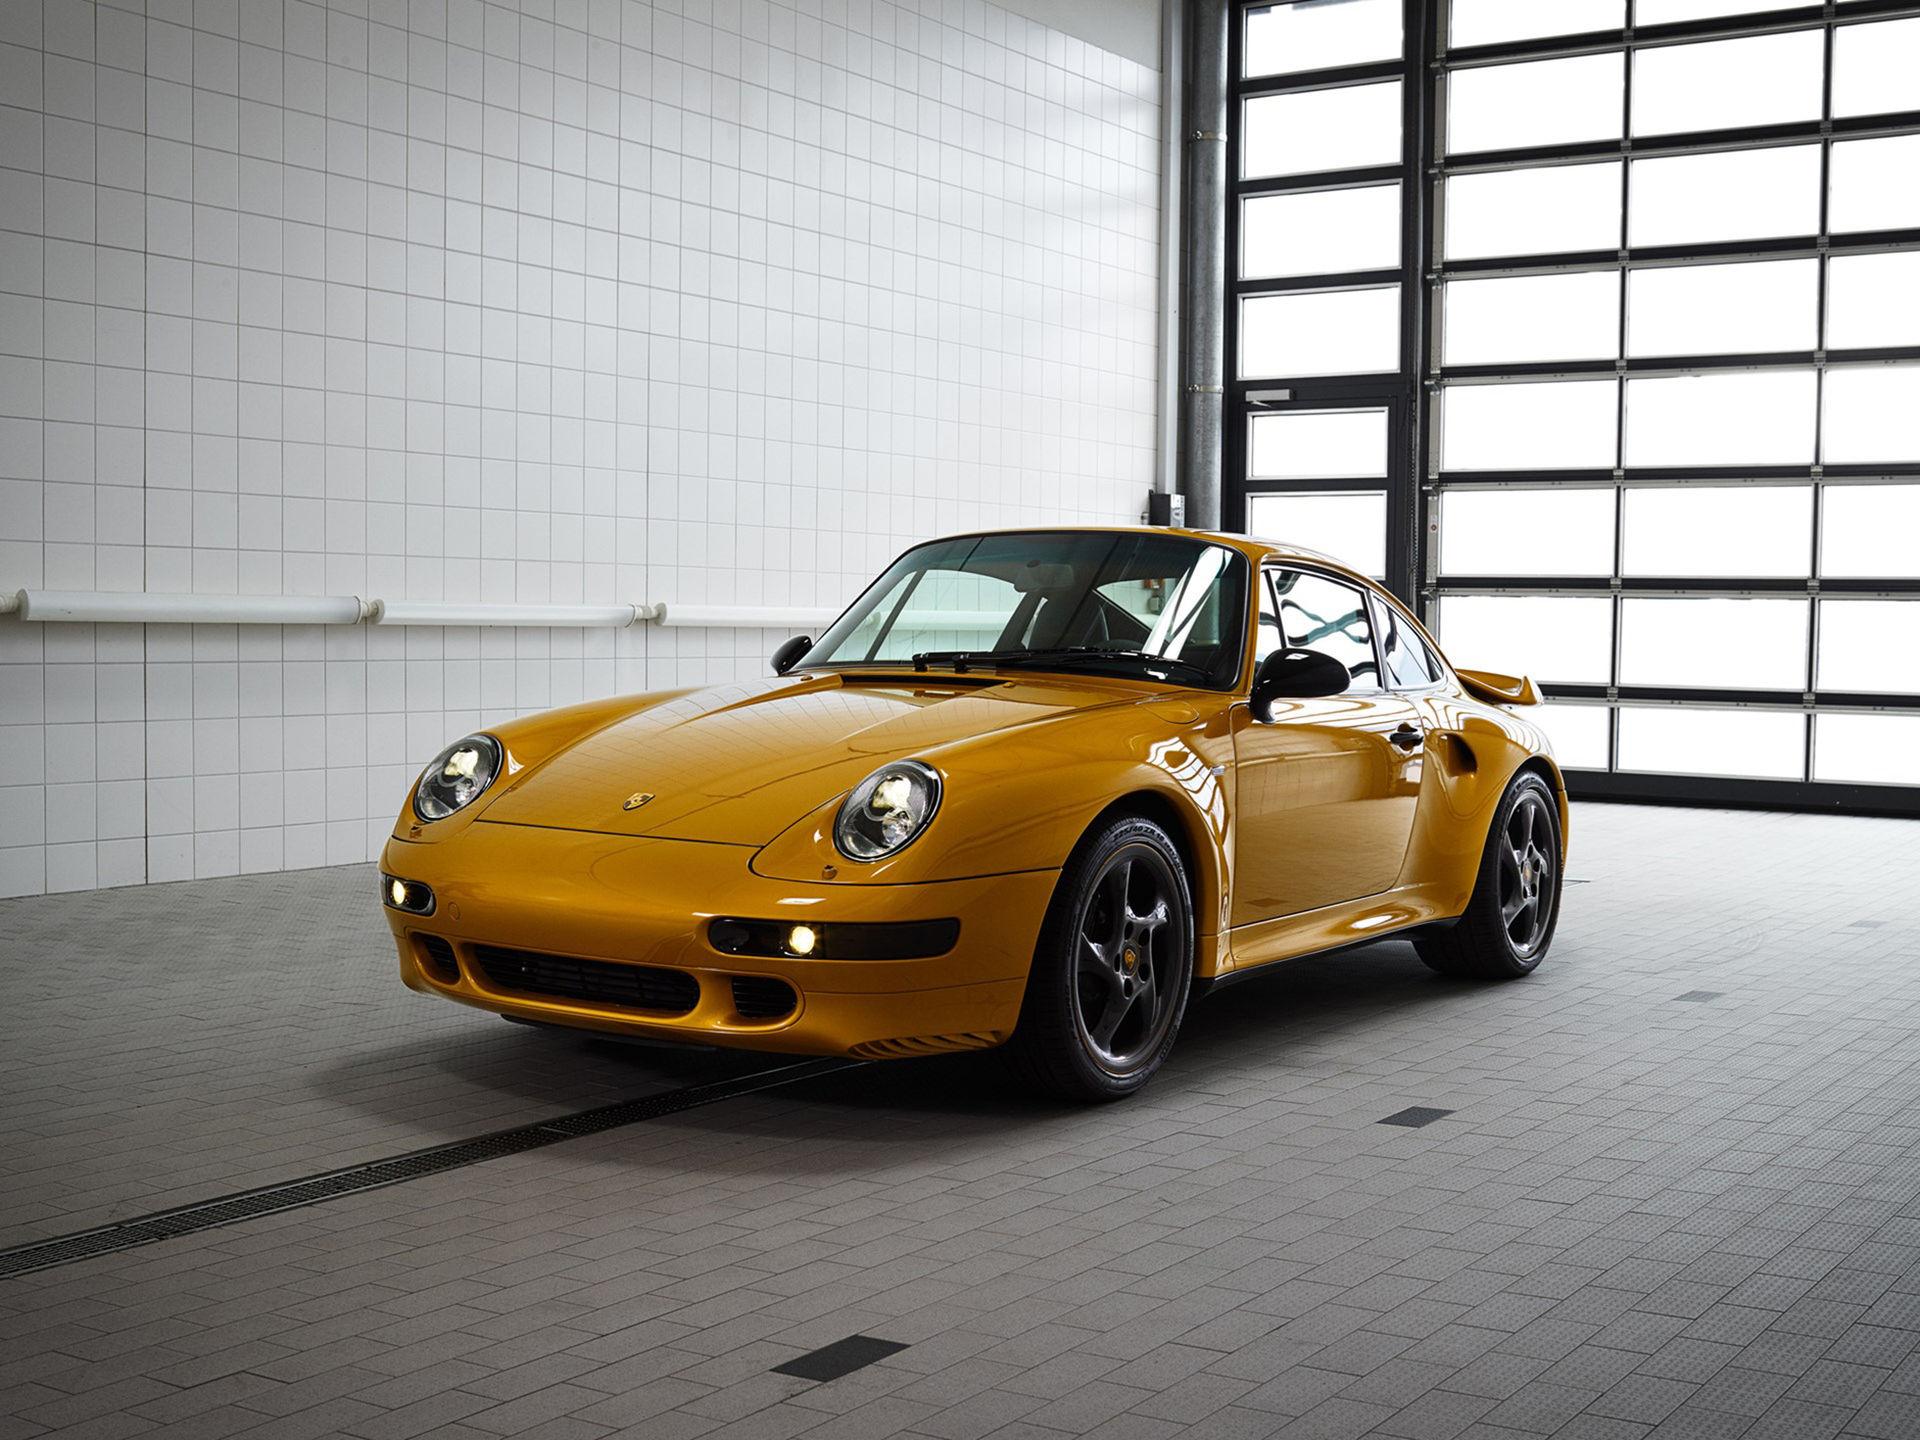 Porsches Project Gold såldes för 2,7 miljoner euro